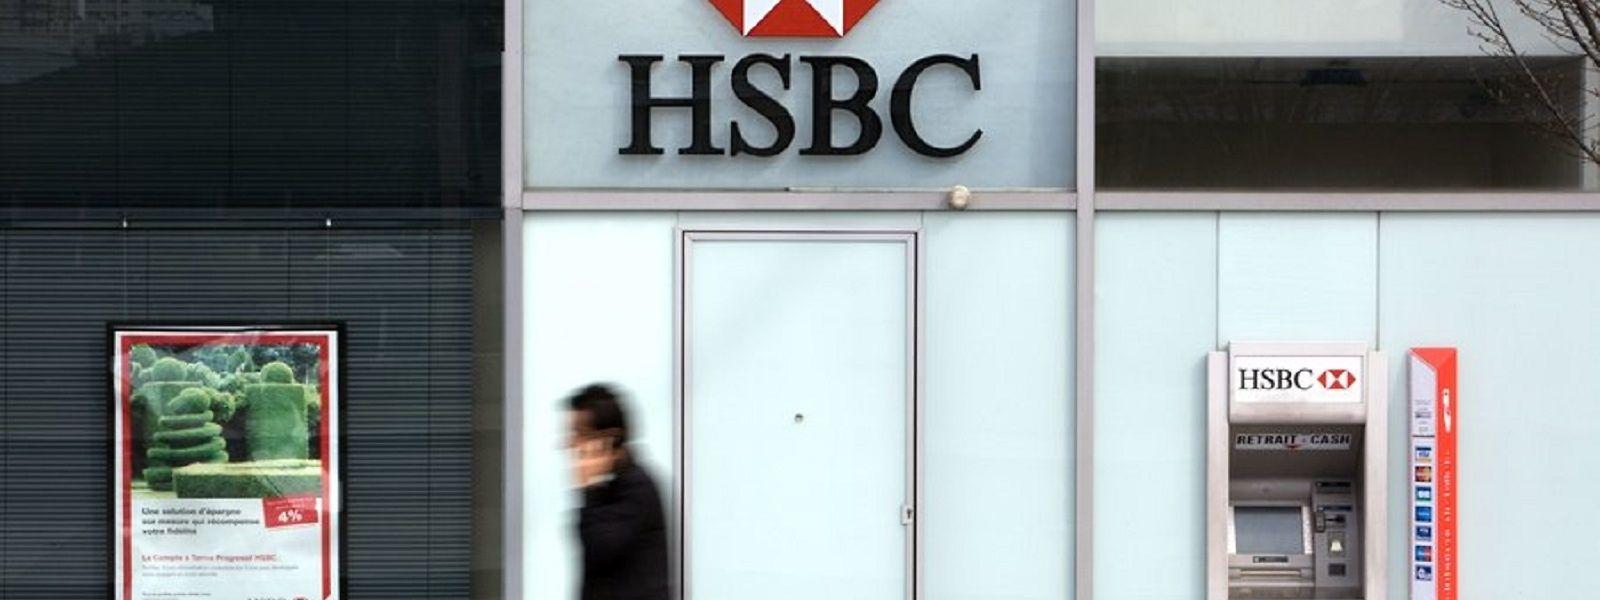 En matière d'évasion fiscale, HSBC arrive en tête avec plus de 62% de ses bénéfices avant impôt comptabilisés dans des paradis fiscaux entre 2018 et 2020.